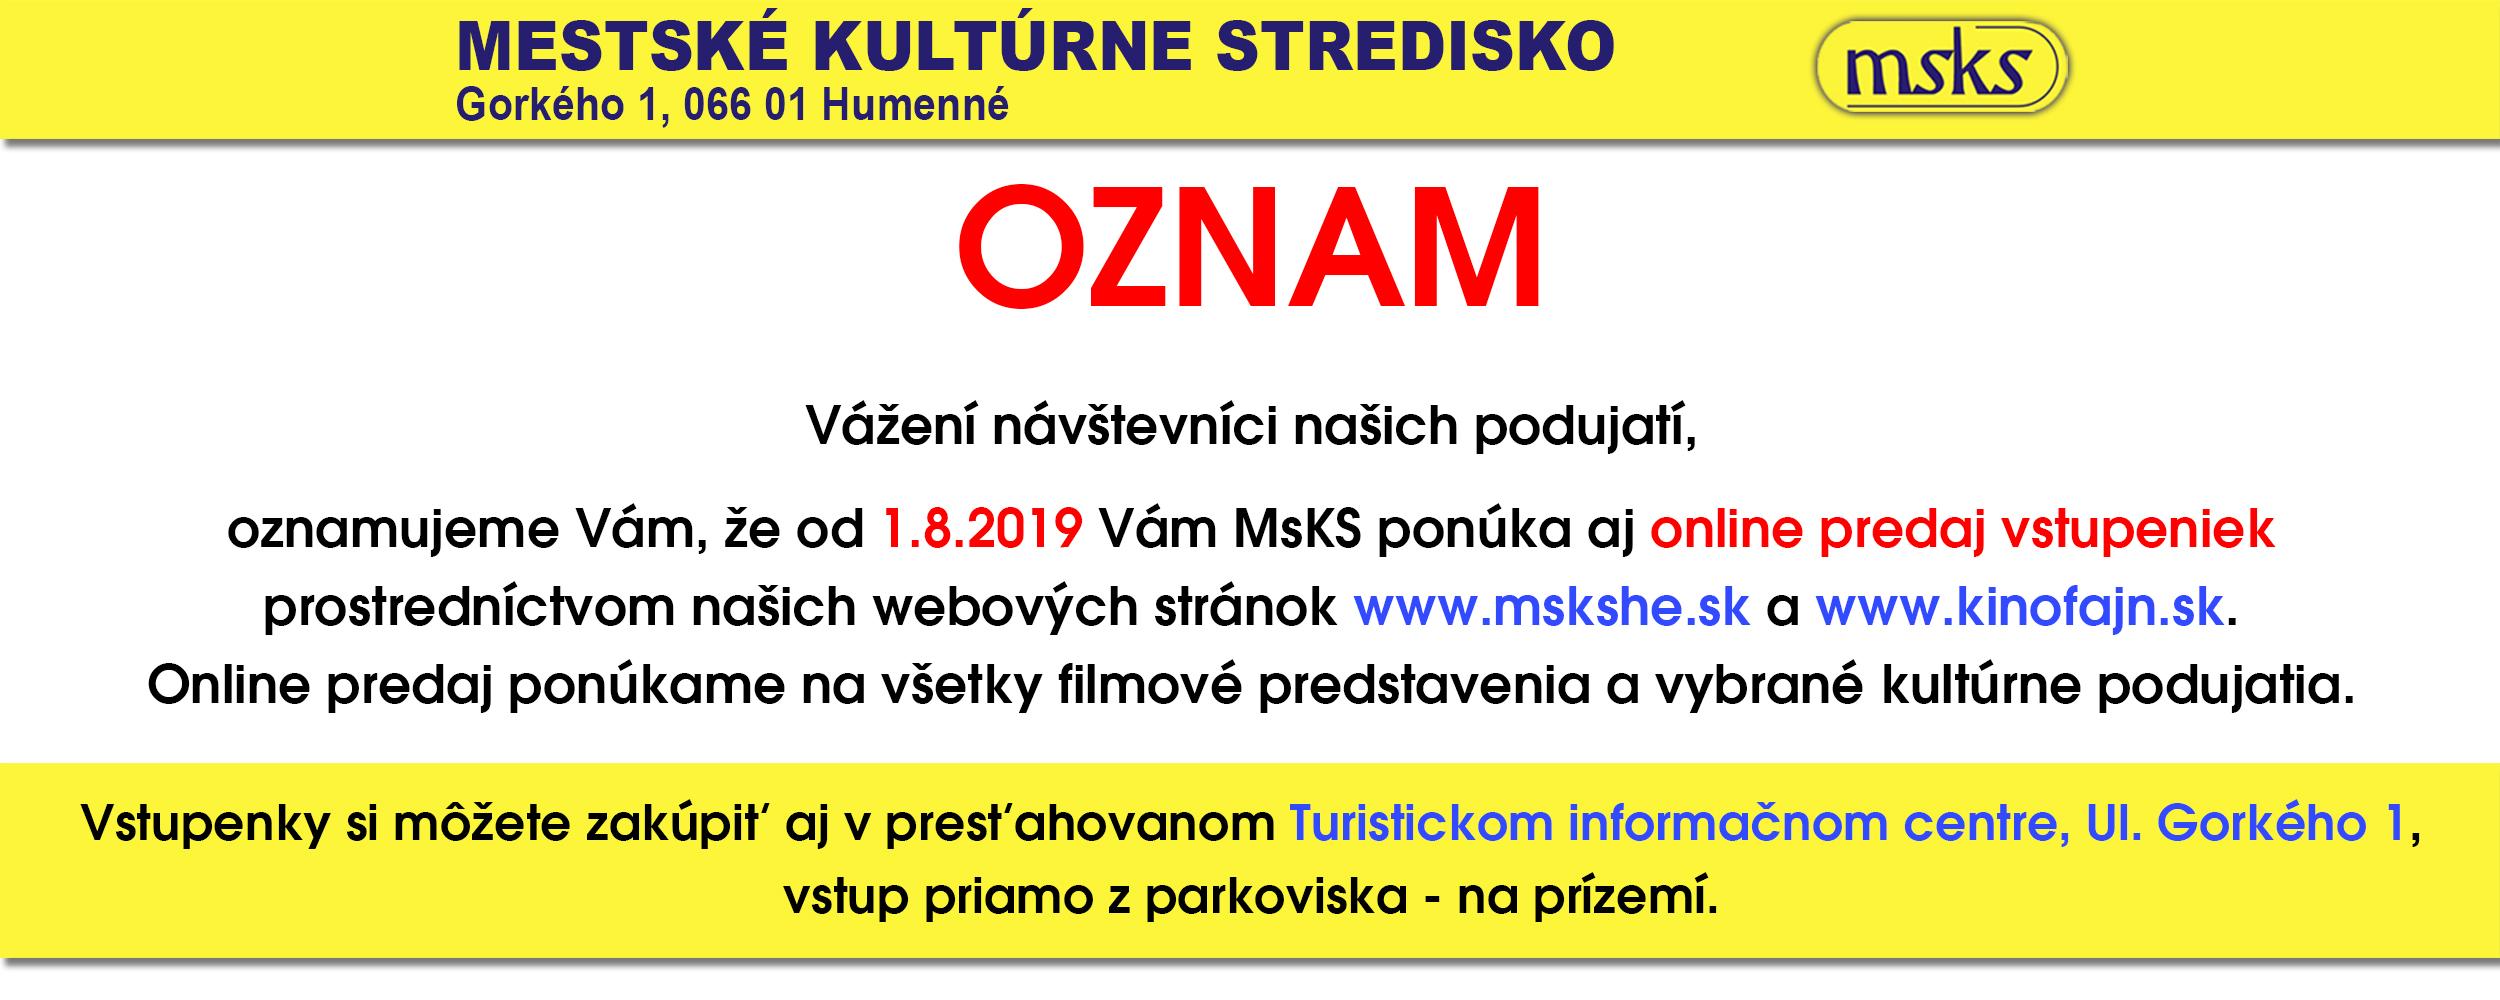 Online Predajj